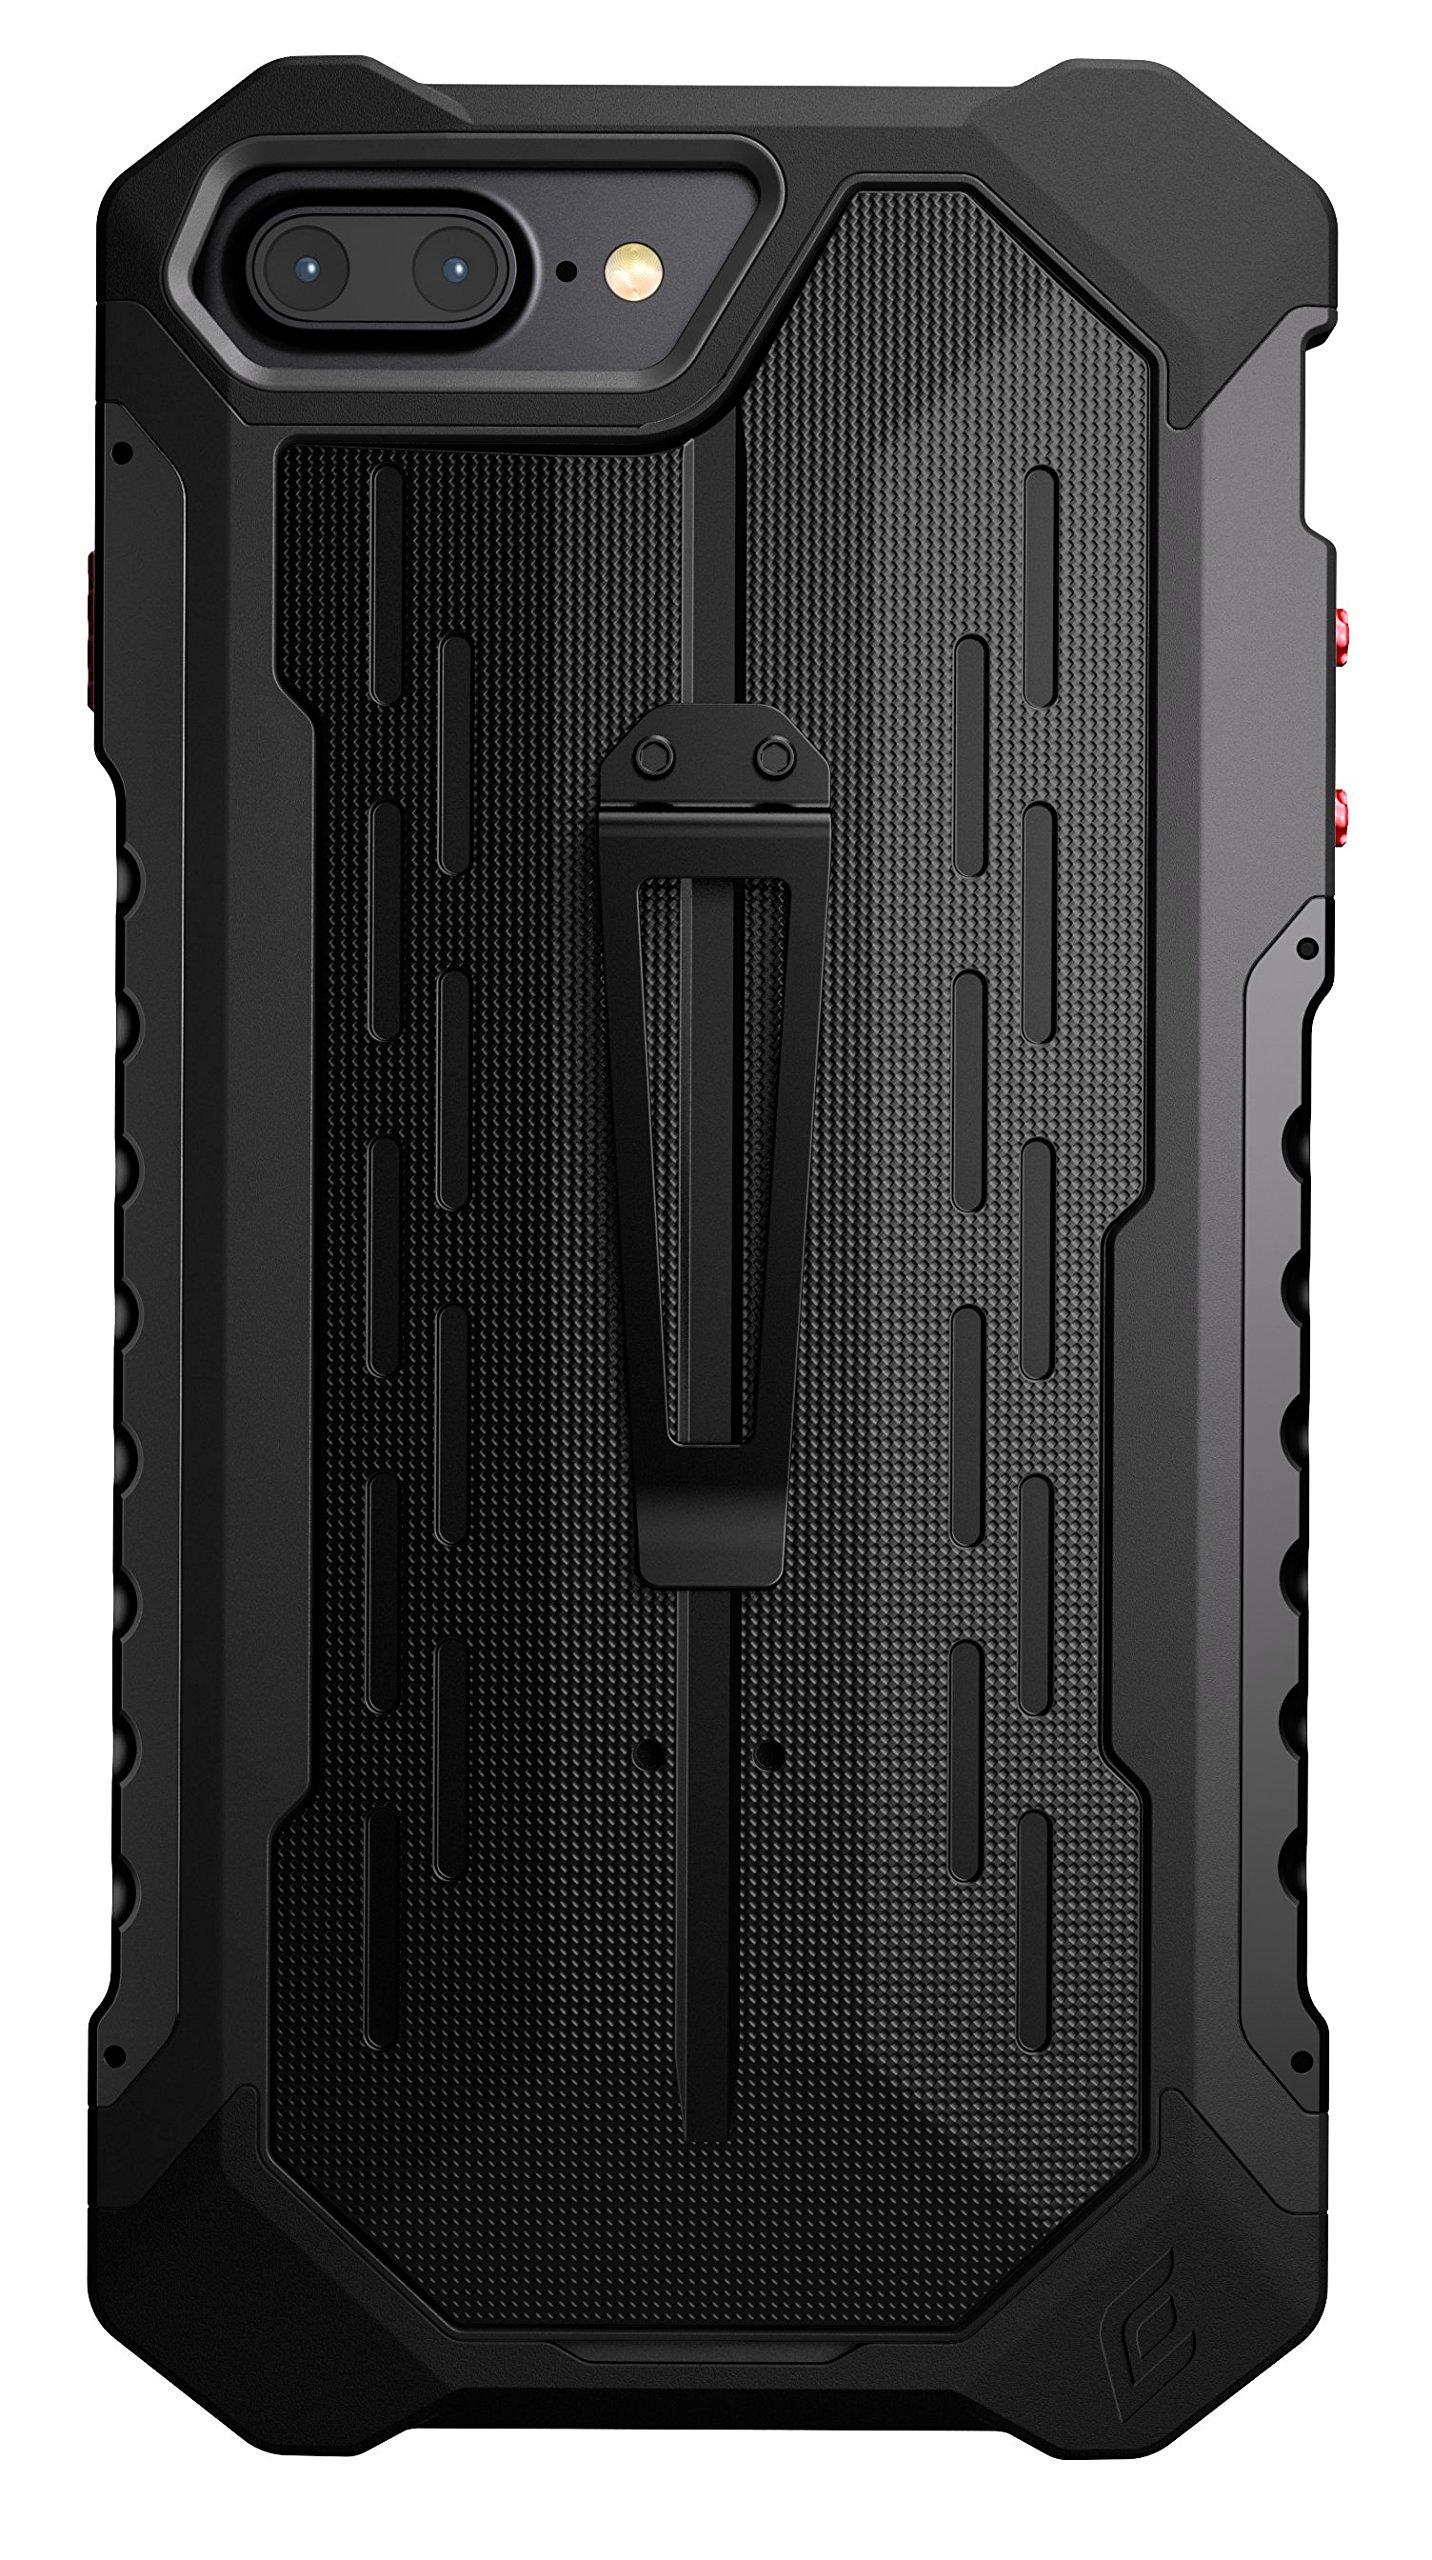 Element Case Black Ops Mil-Spec Drop Tested Case for Apple iPhone 8 Plus and 7 Plus - Black (EMT-322-134EZ-01)